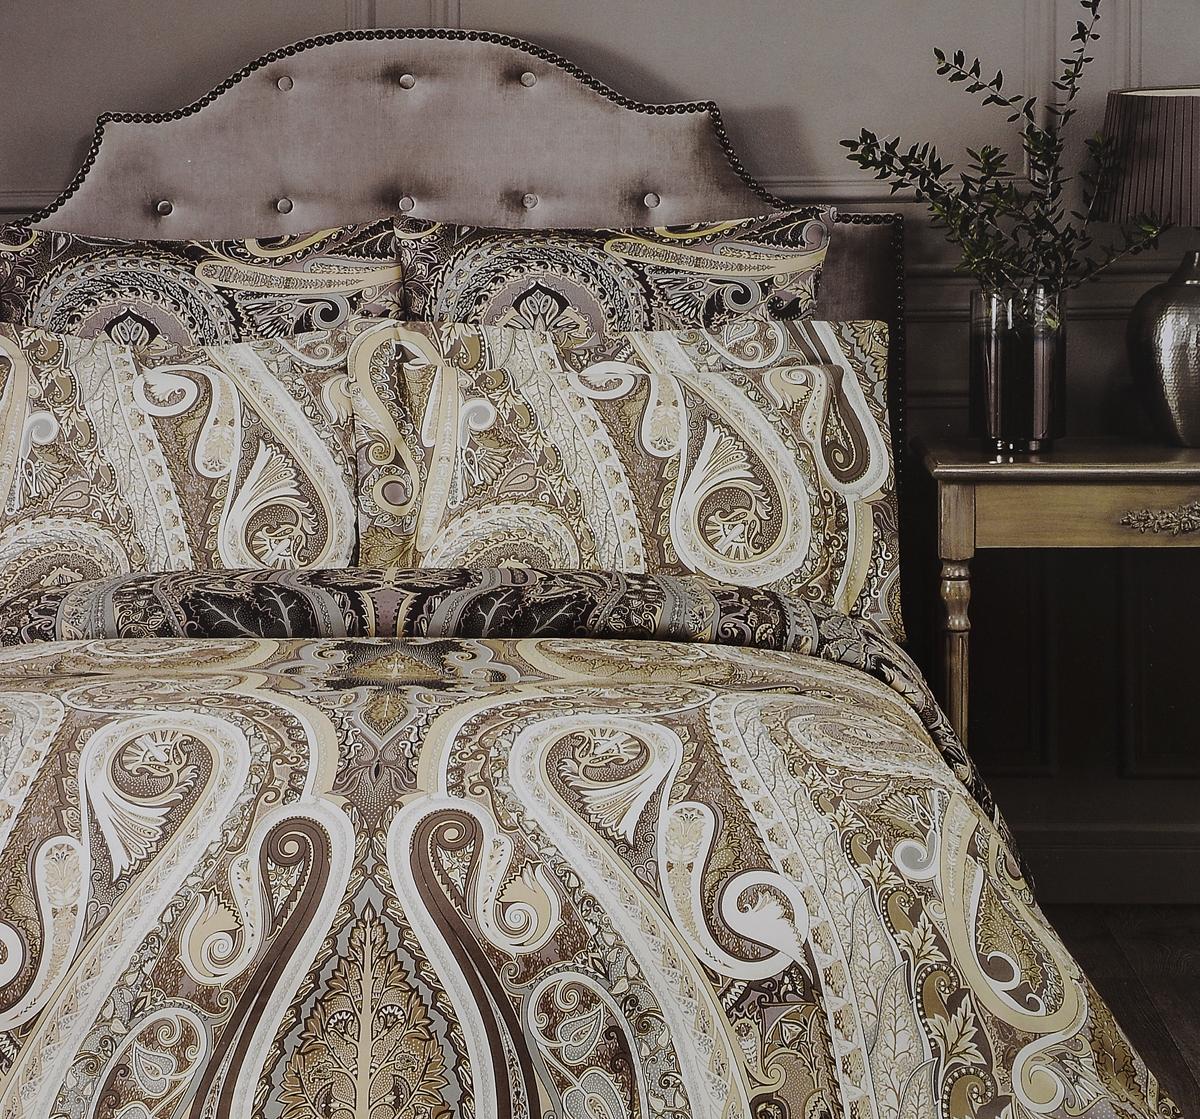 Комплект белья Togas Амрита, 1,5-спальный, наволочки 50x7030.07.28.0474Комплект постельного белья Togas Амрита, выполненный из 100% тенселя, состоит из пододеяльника, простыни и 2 наволочек. Изделия имеют классический крой и декорированы ярким принтом. Тенсель - материал натурального происхождения, который изготавливают из древесины австралийского эвкалипта и подвергают нанообработке. Комплект постельного белья Togas Амрита гармонично впишется в интерьер вашей спальни и создаст атмосферу уюта и комфорта.